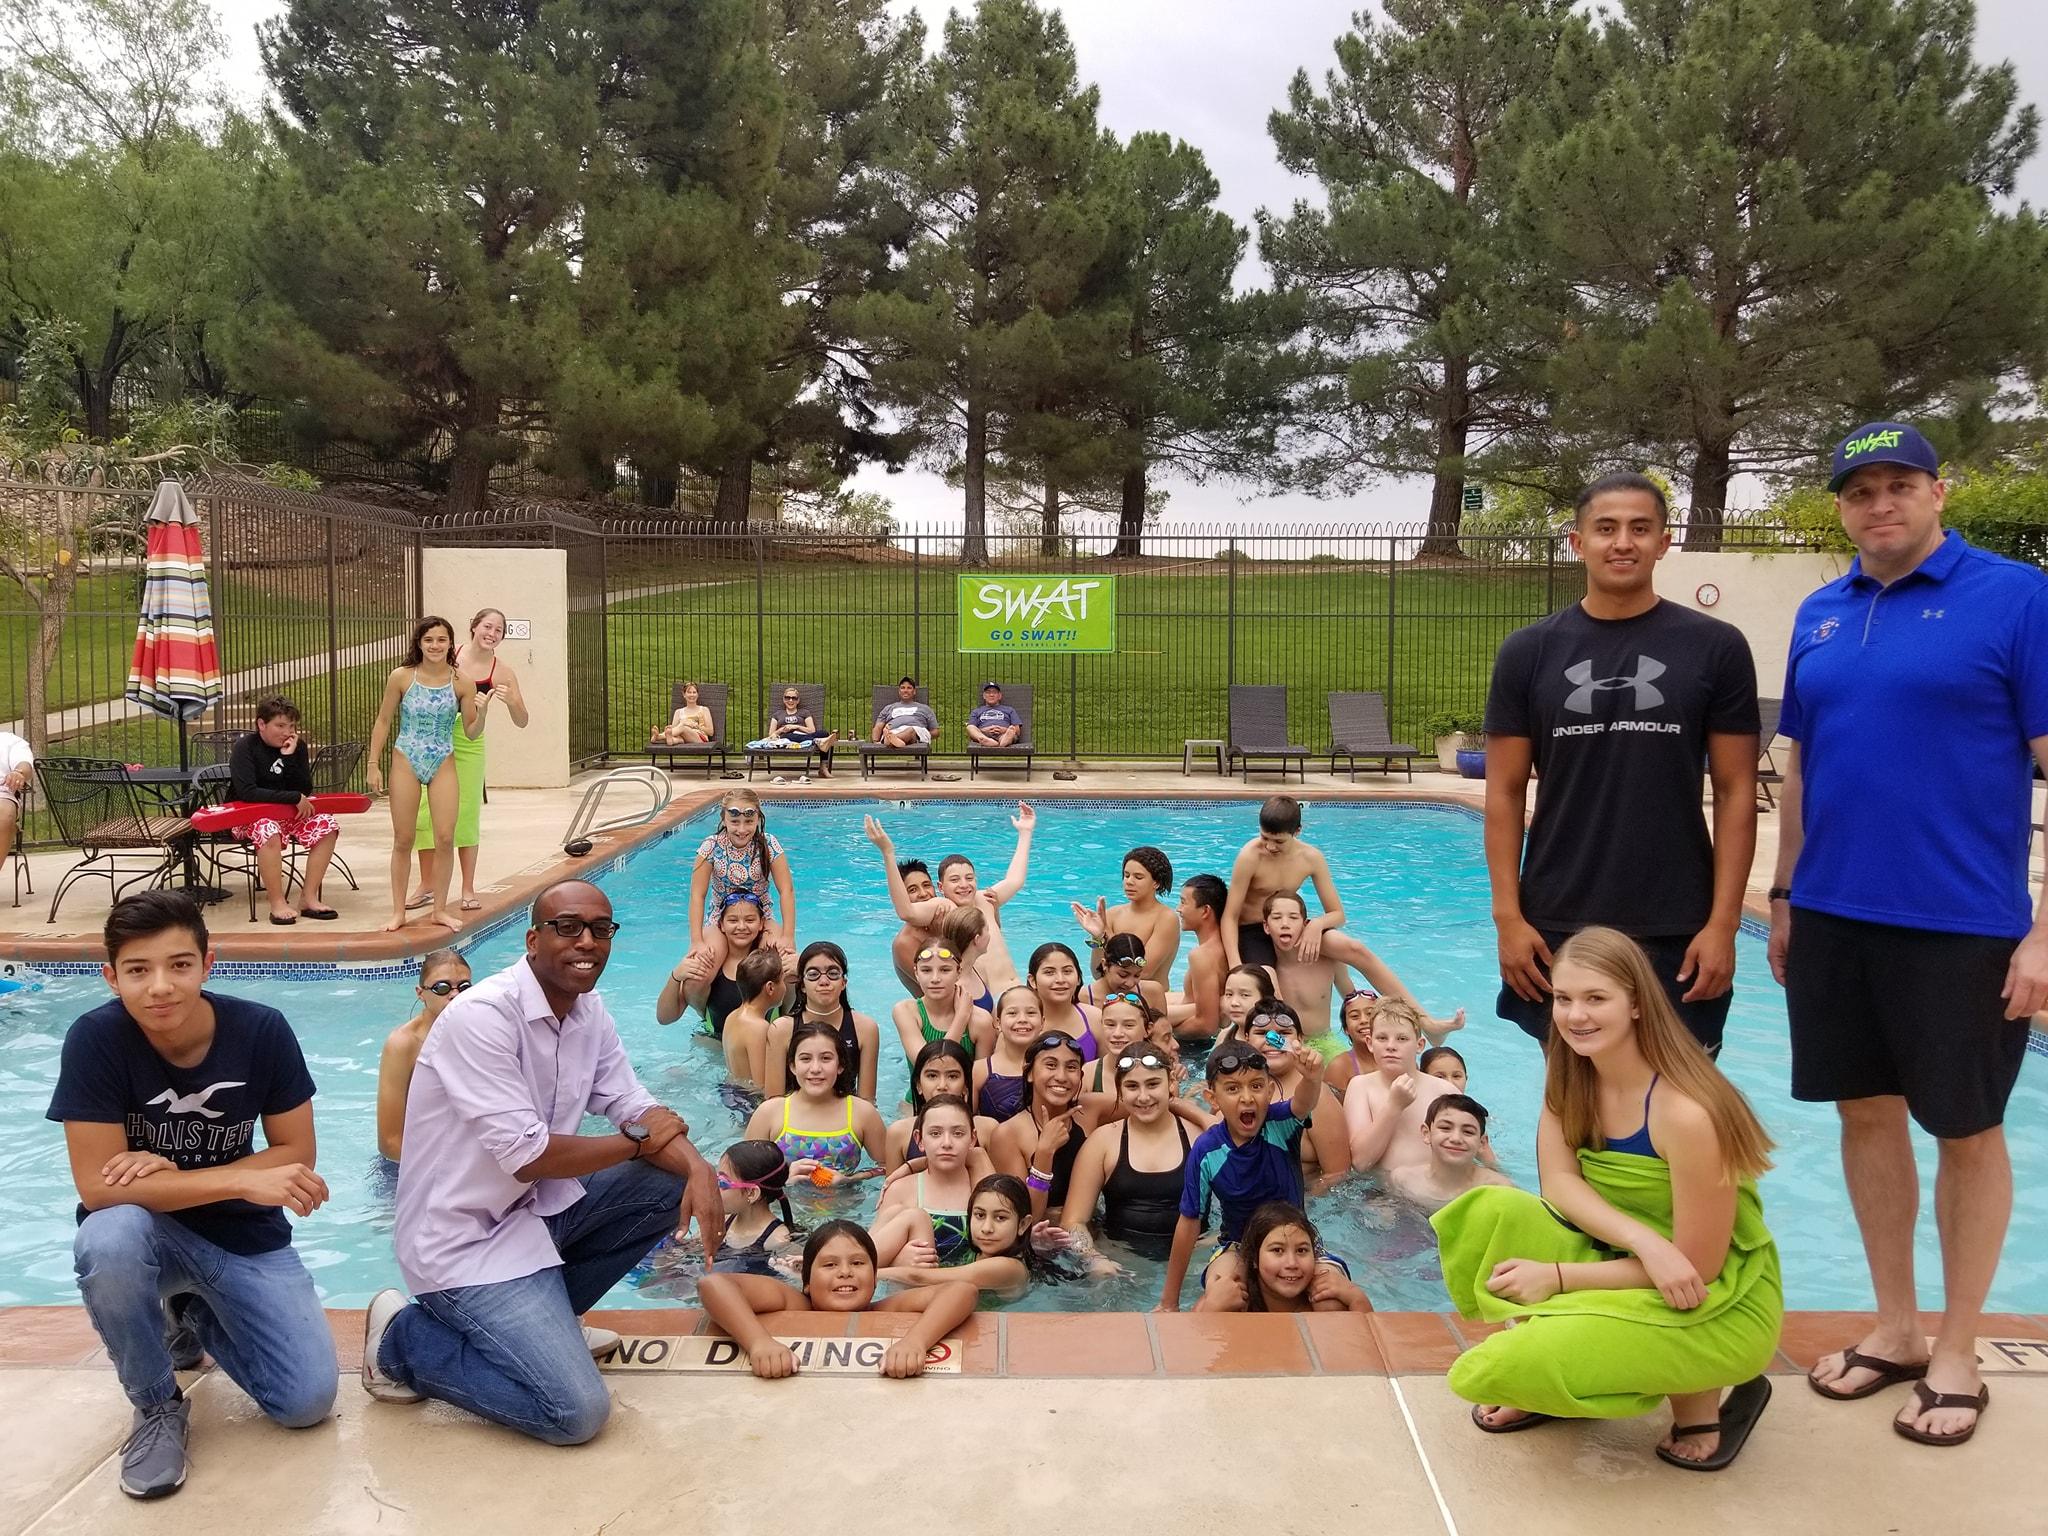 96a1a6a2160 Southwest Aquatic Team Home